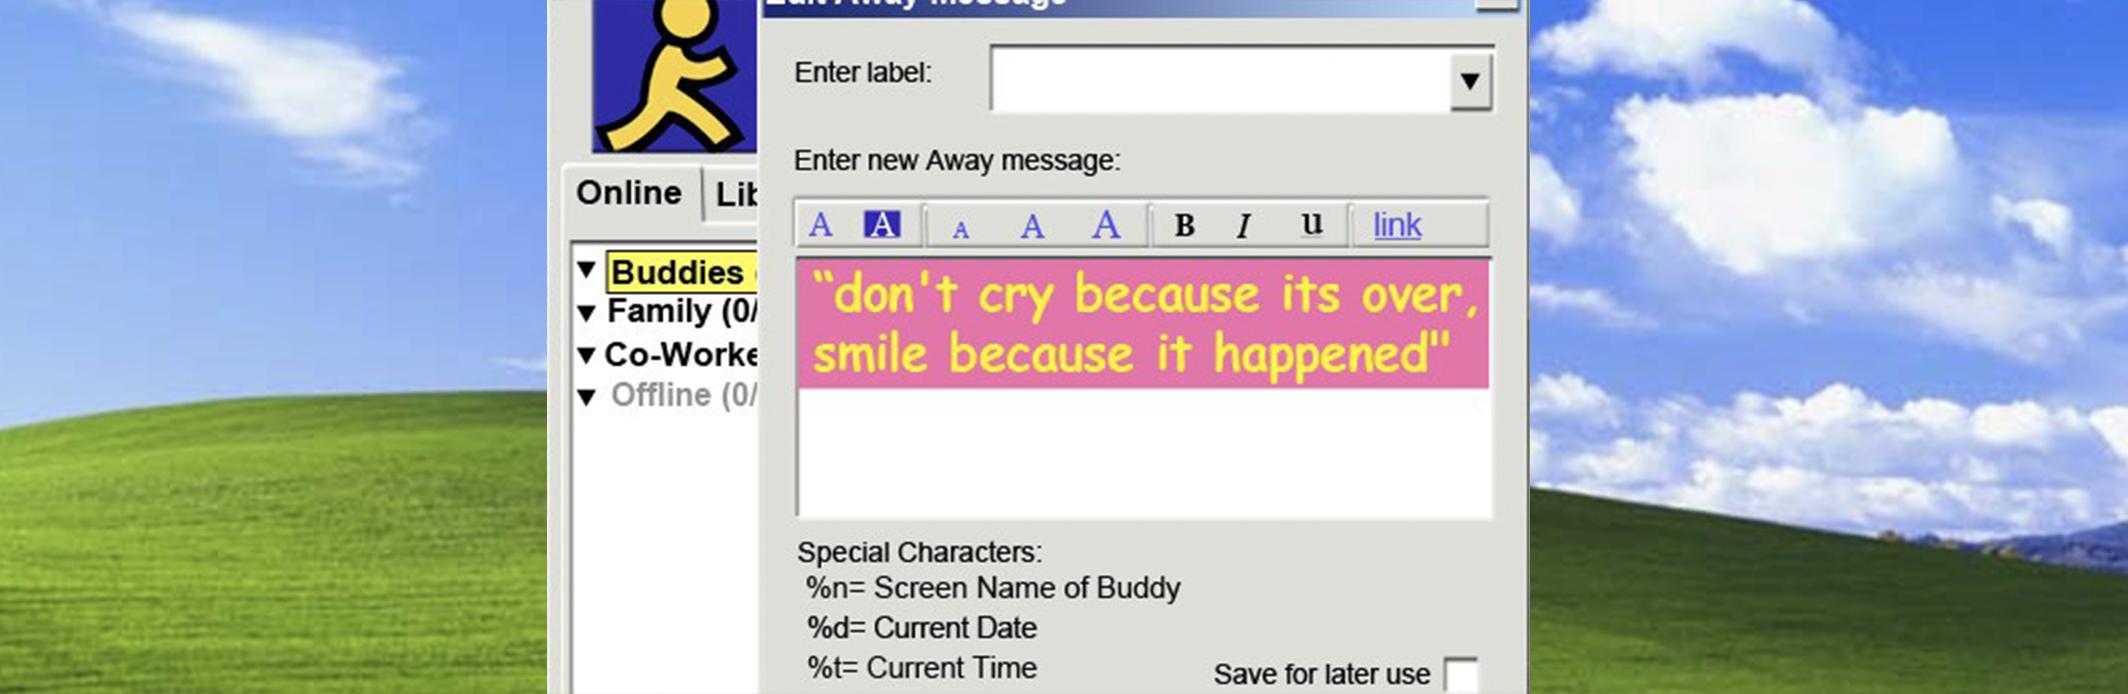 ネットで大事なことは AOLメッセンジャーが すべて教えてくれた